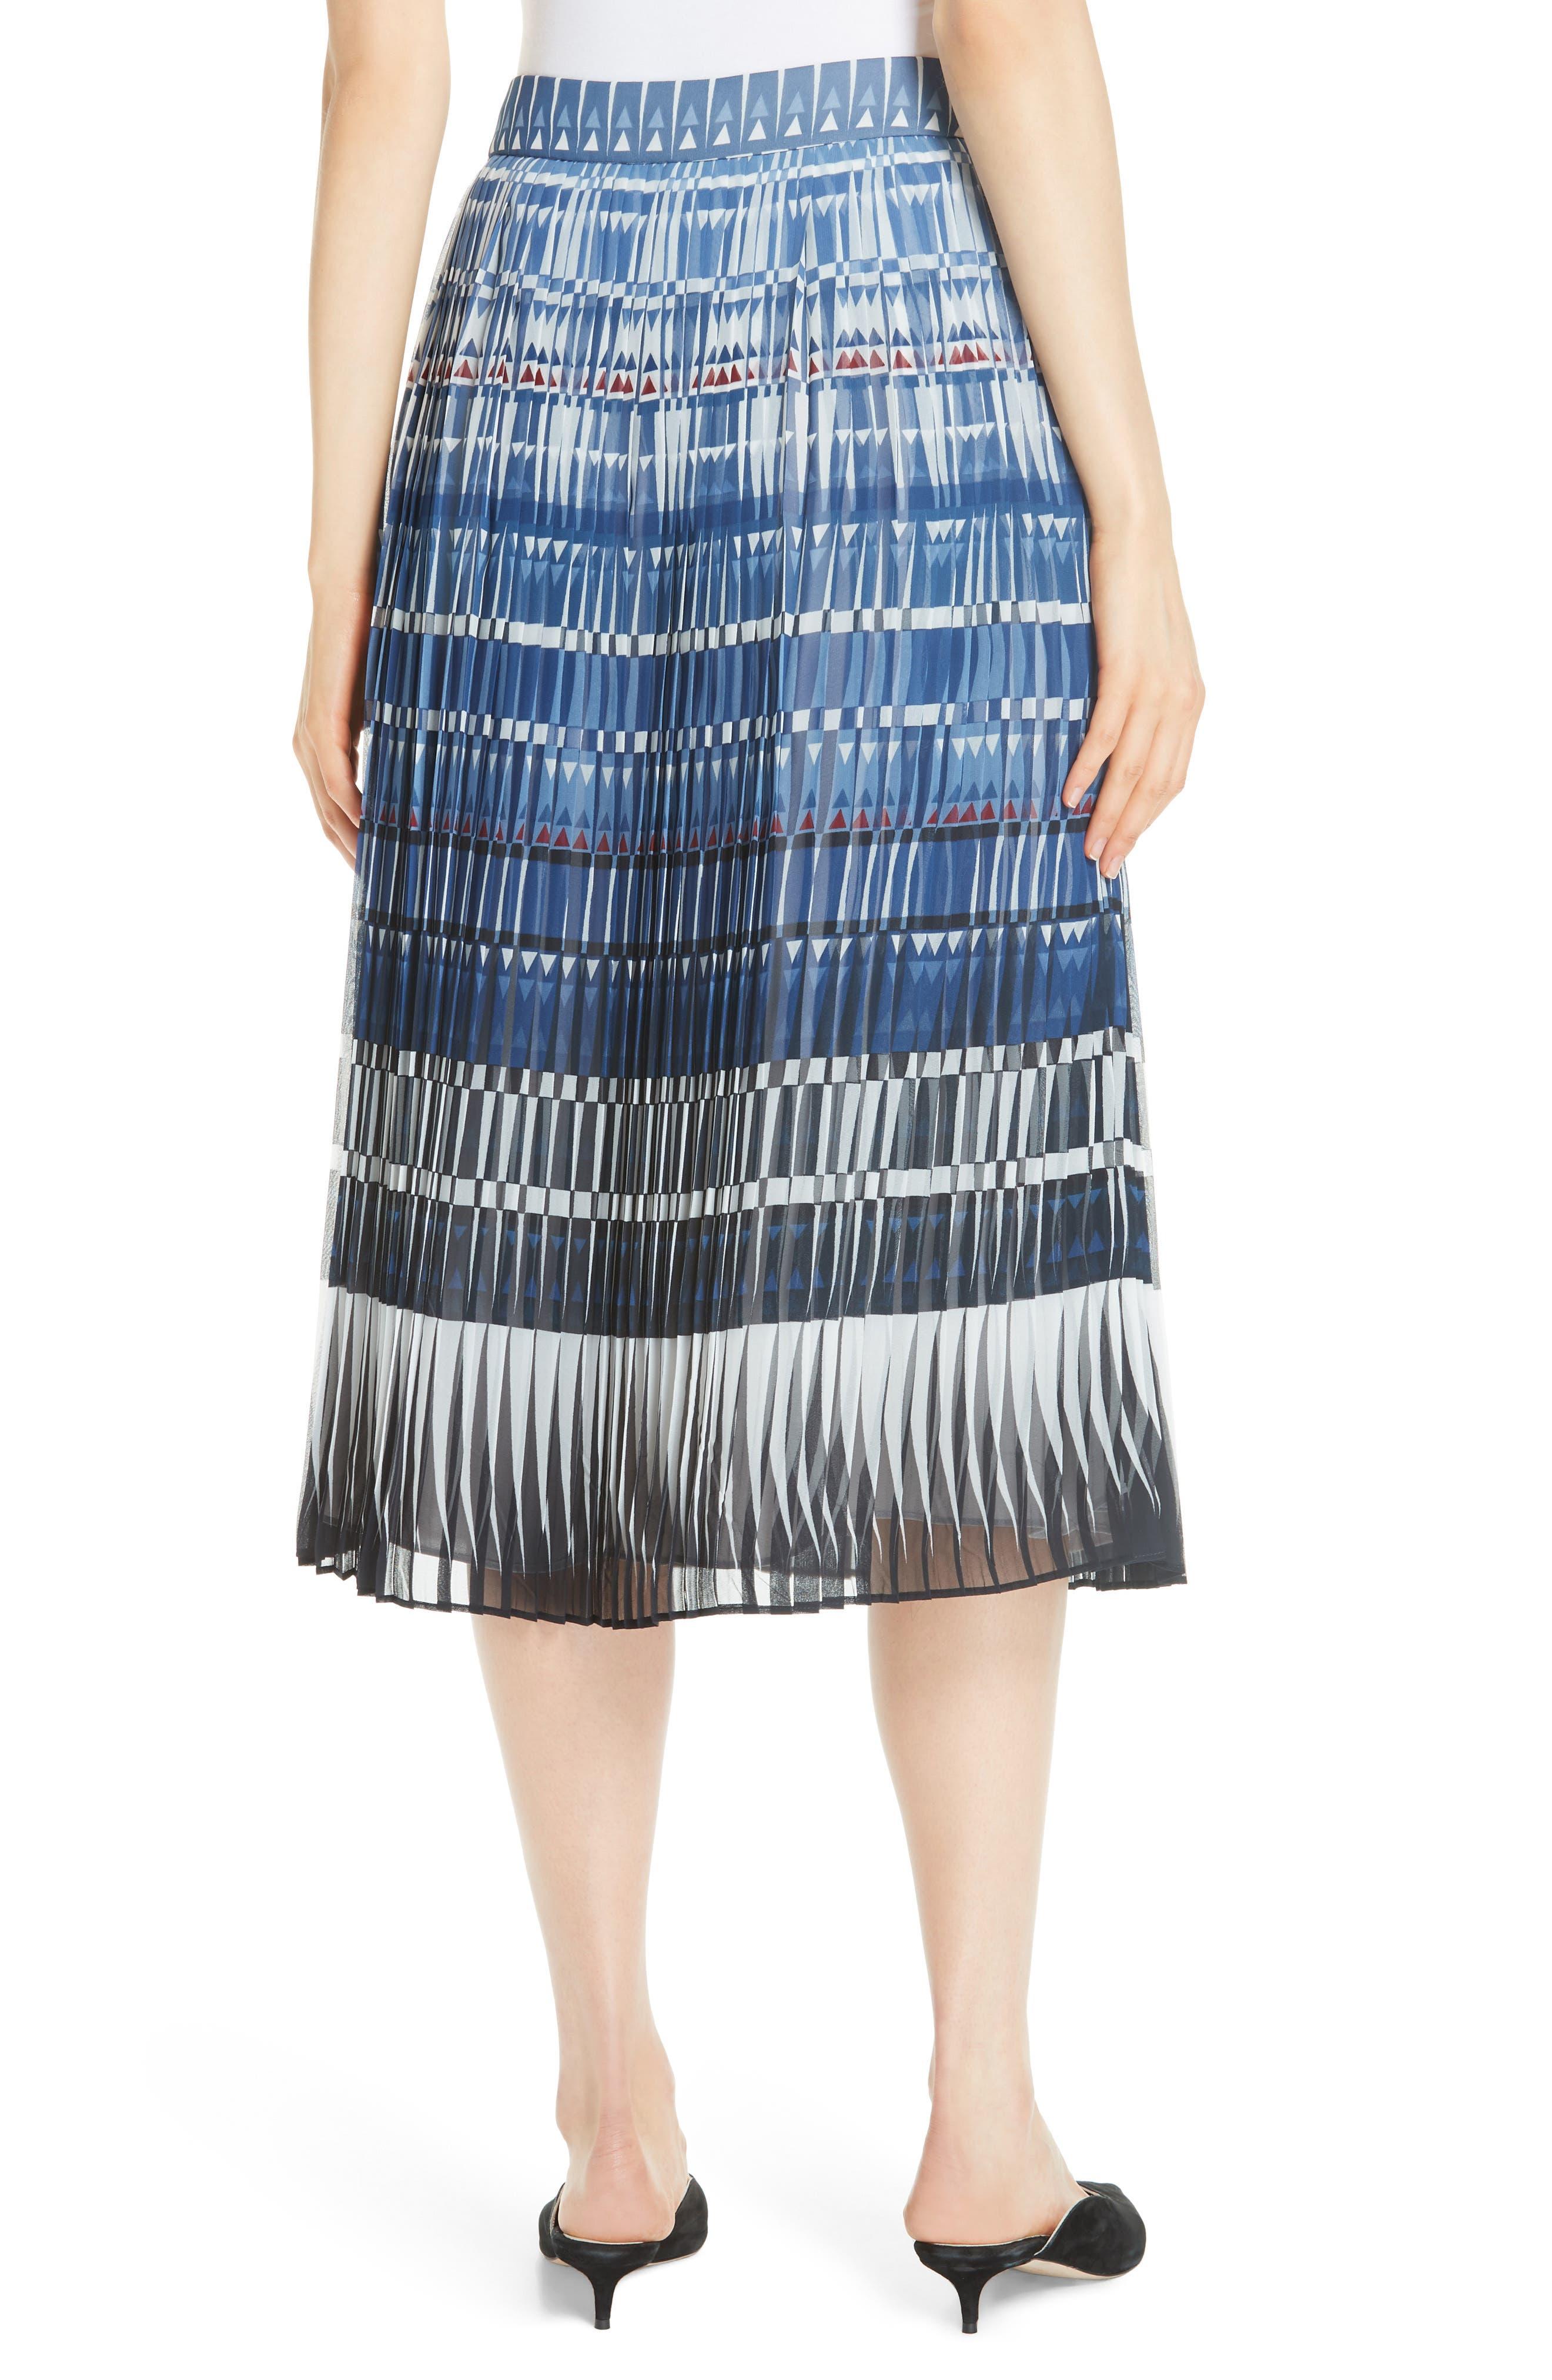 KATE SPADE NEW YORK,                             deco beale skirt,                             Alternate thumbnail 2, color,                             473